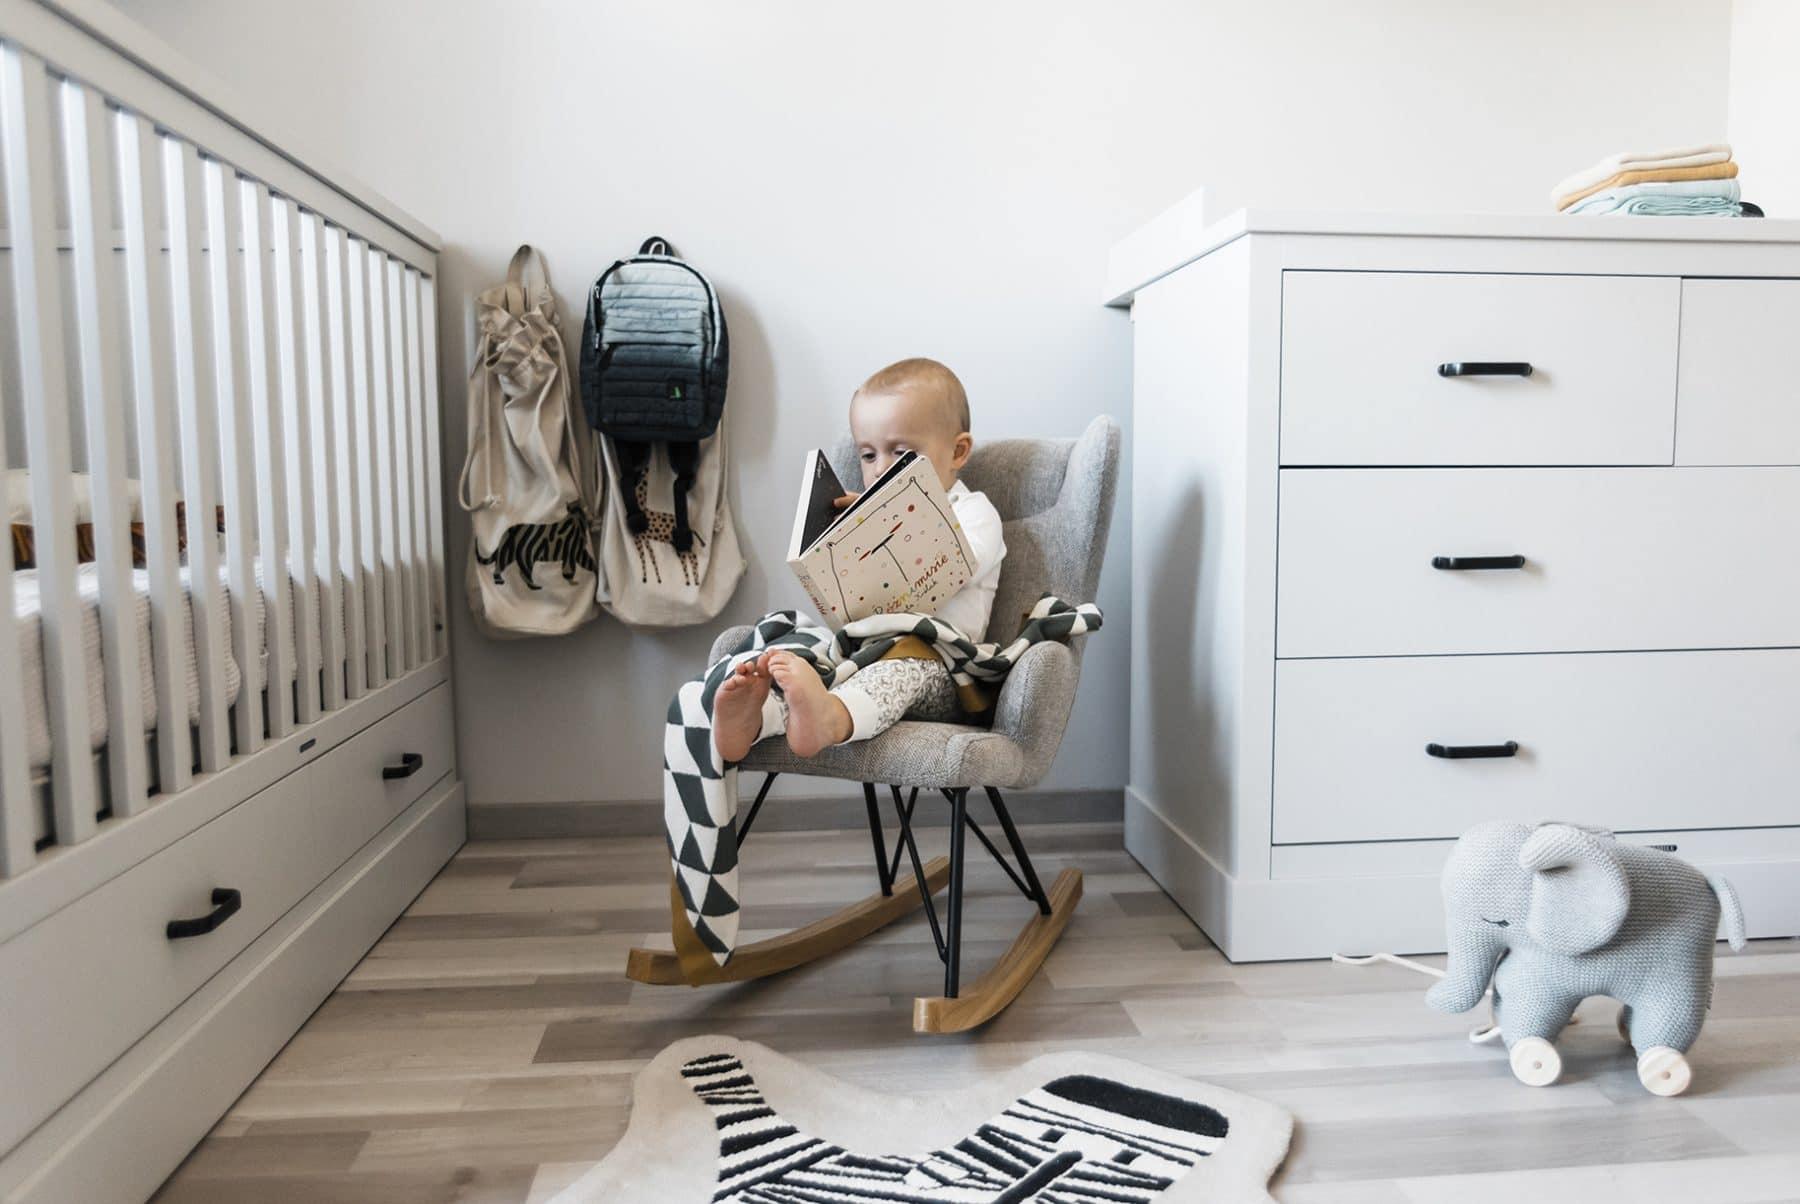 pokój montessori - mebelki dziecięce